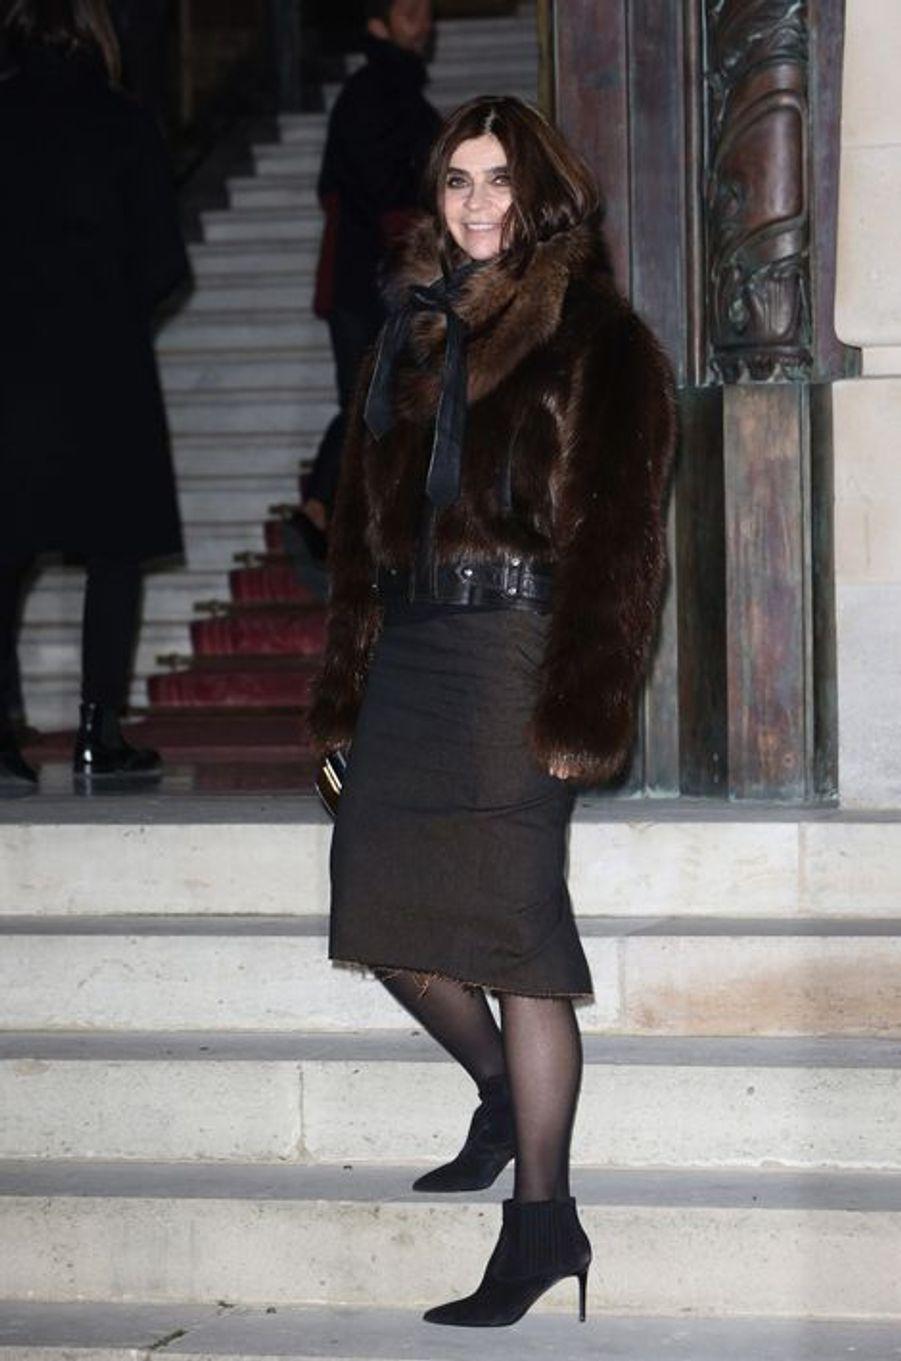 L'ancienne rédactrice en chef du Vogue Paris, Carine Roitfeld